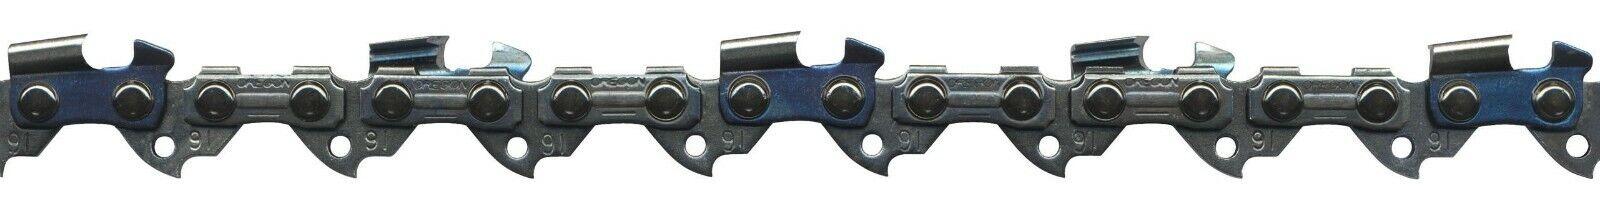 3 unidades sierra Oregon cadena 91vxl040e halbmeißel 91vxl040e 3//8 1,3mm 25cm Nut 40